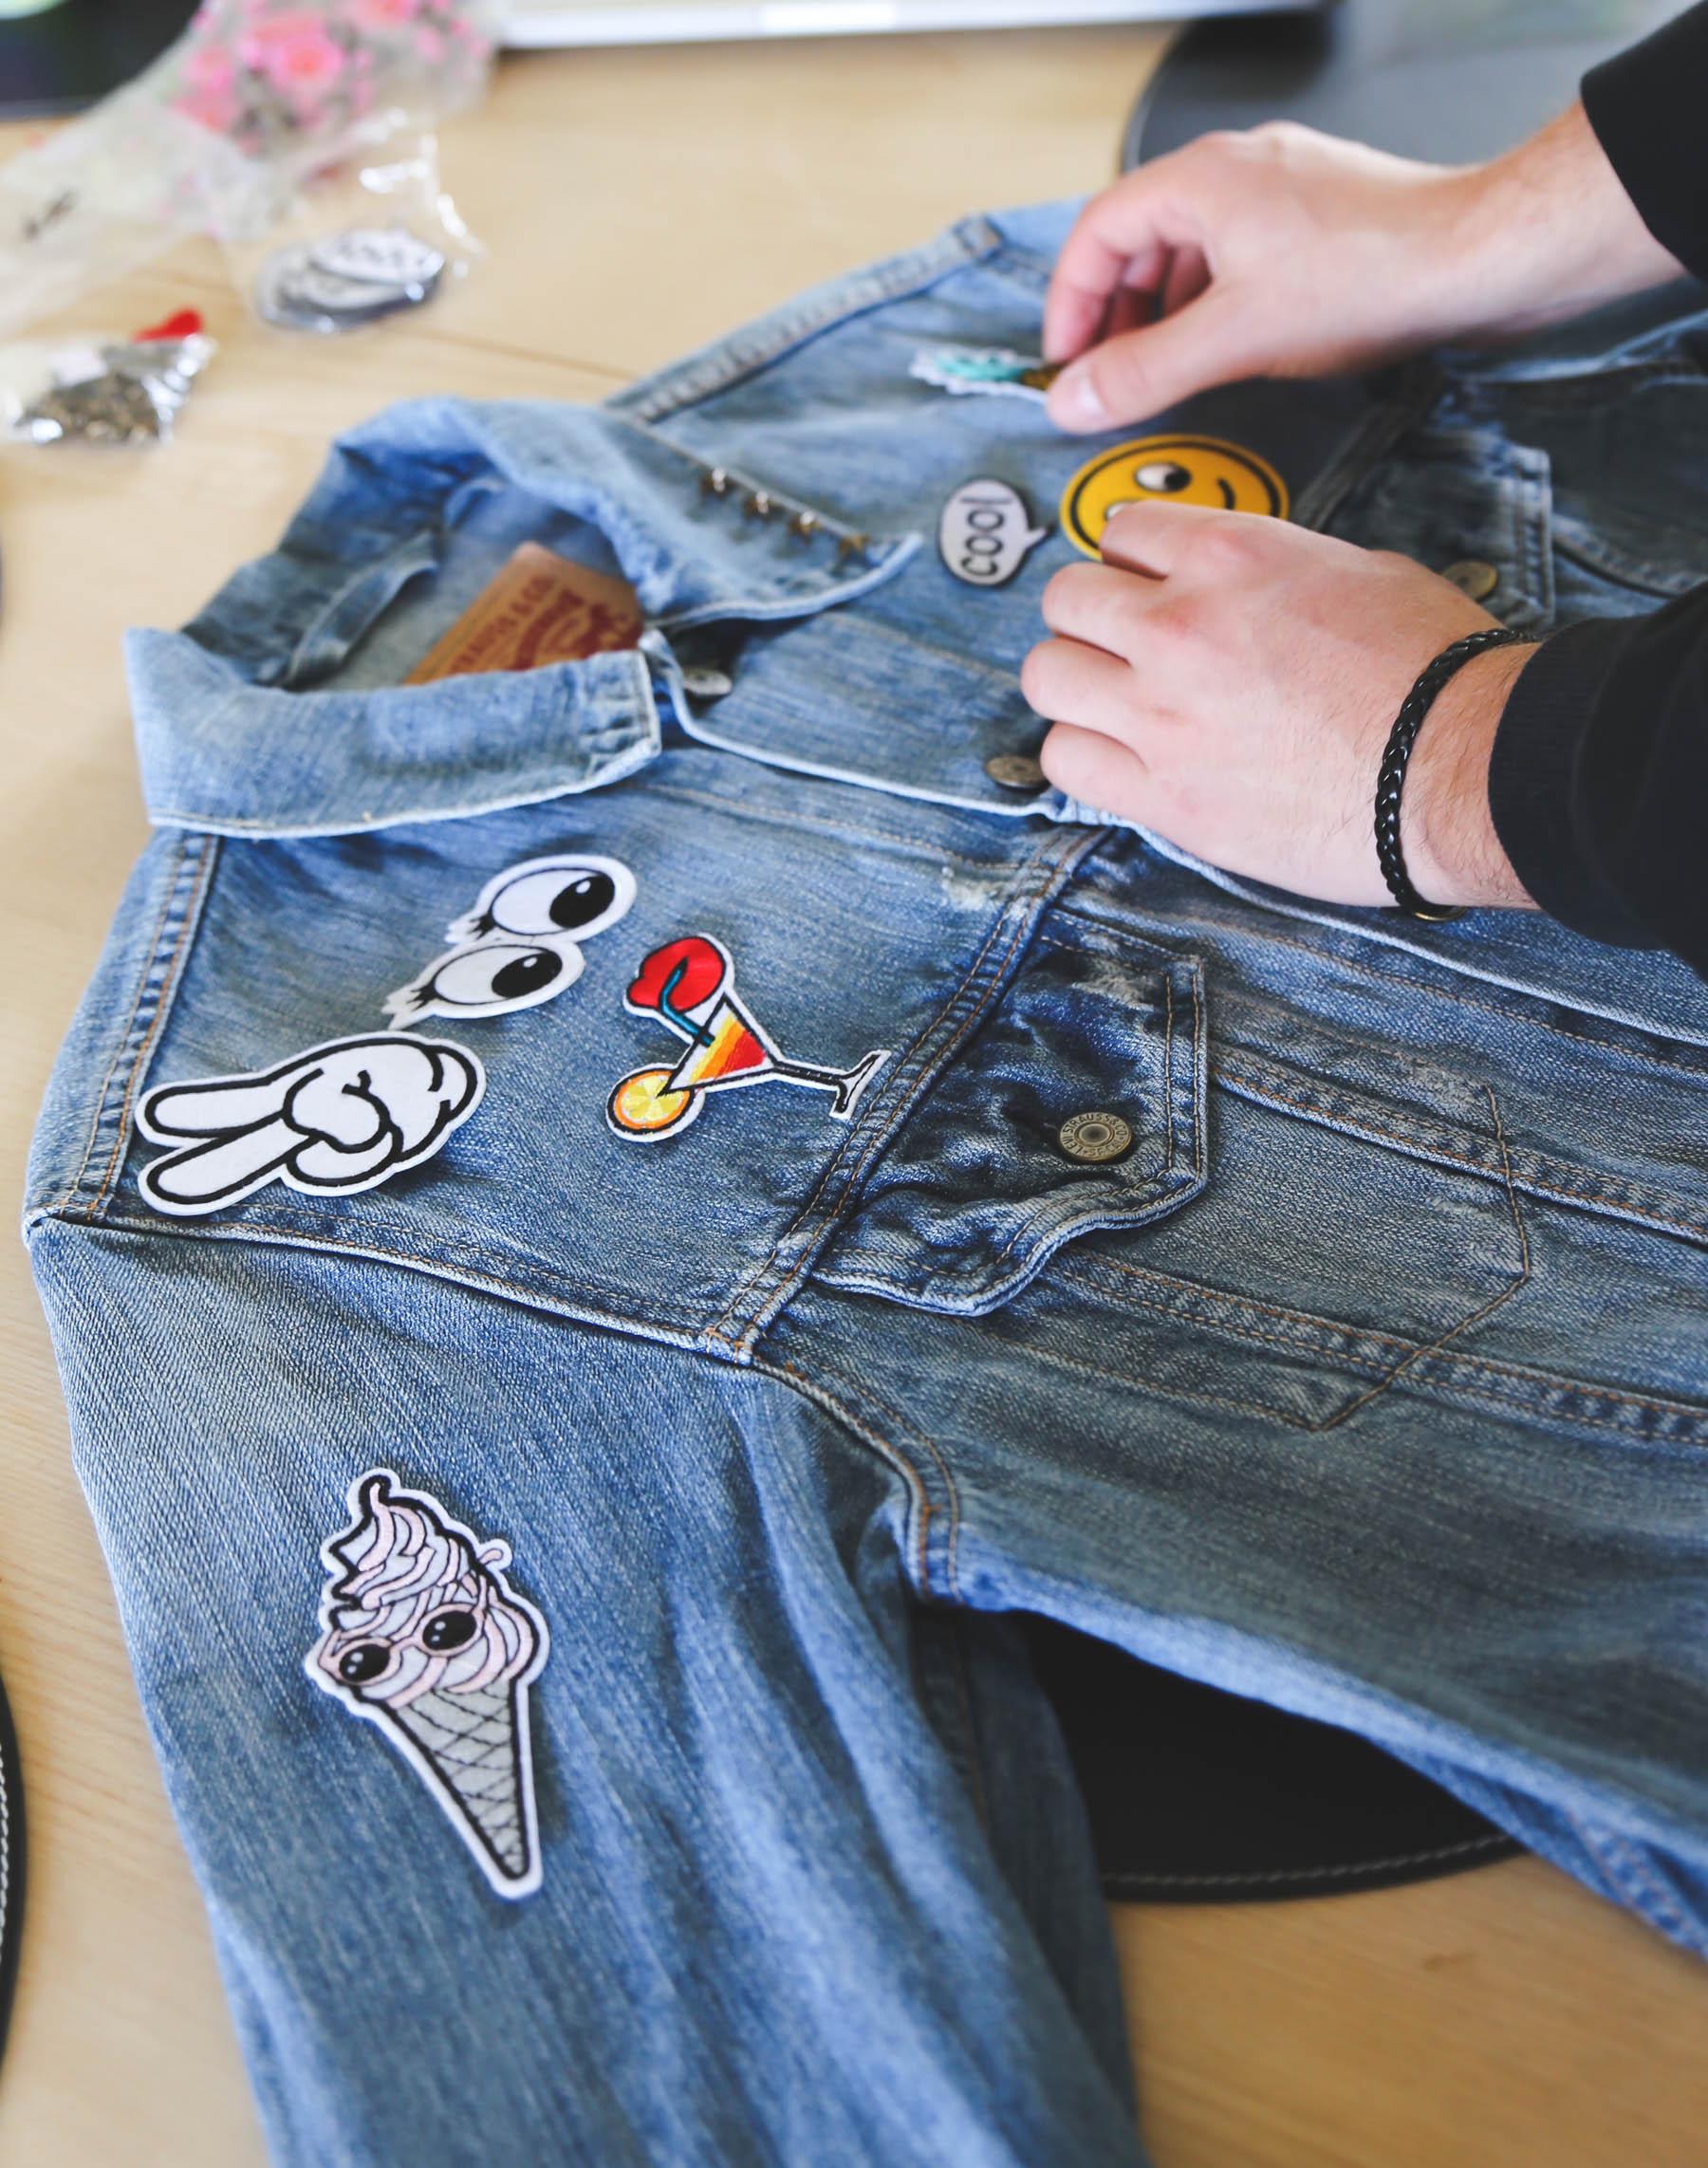 DIY trendy denim jacket makeover